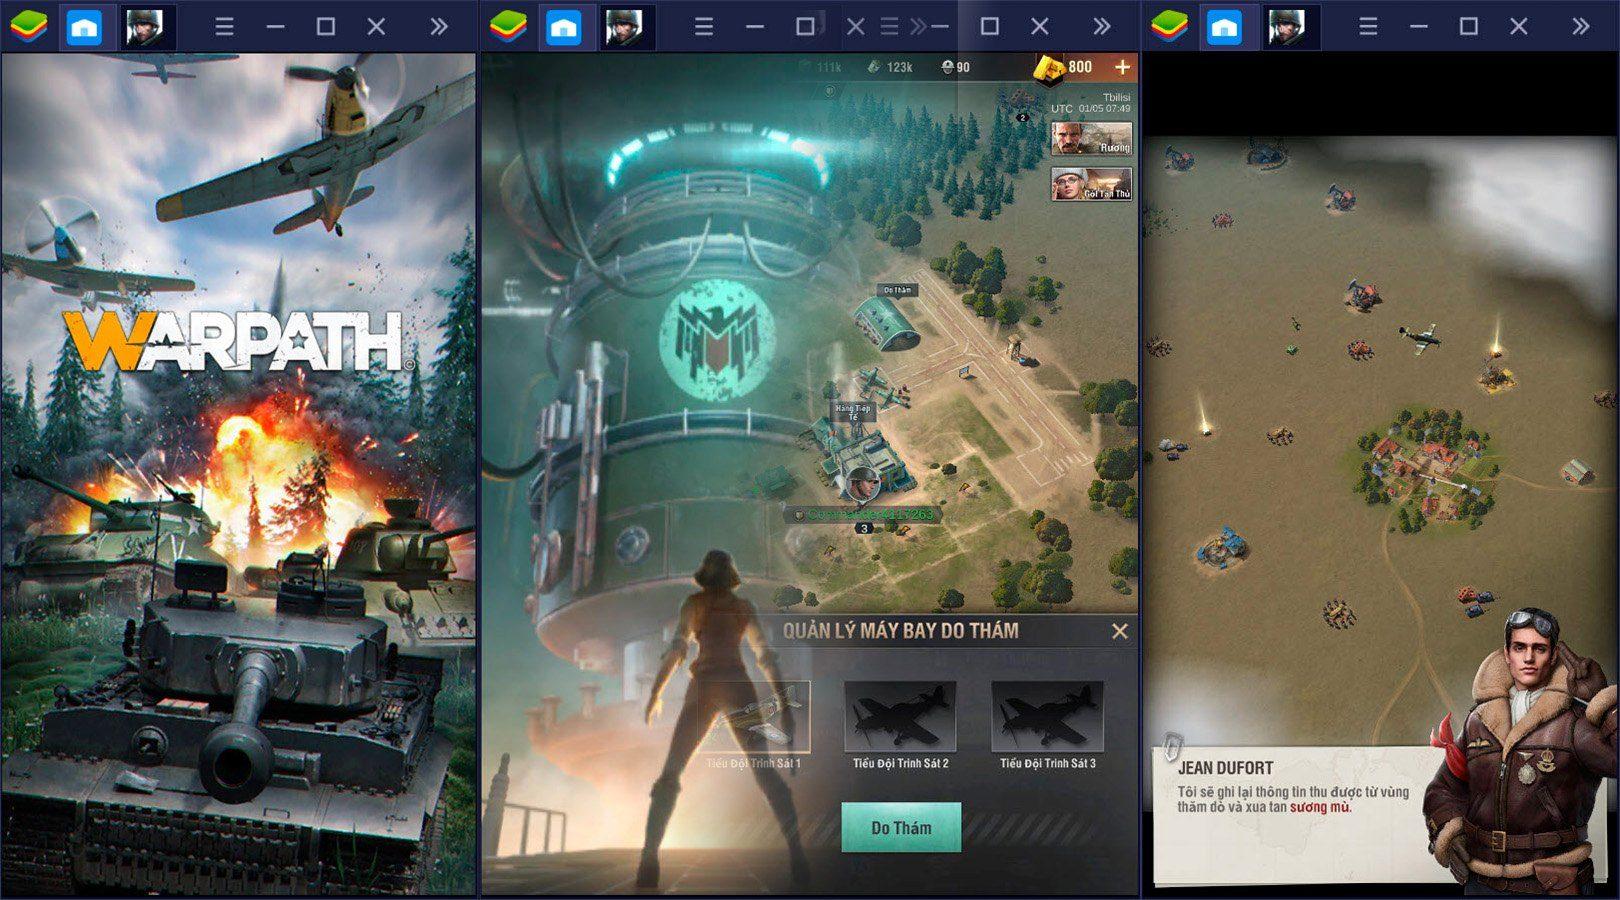 Chơi Warpath trên PC: Những lỗi tân binh cần tránh